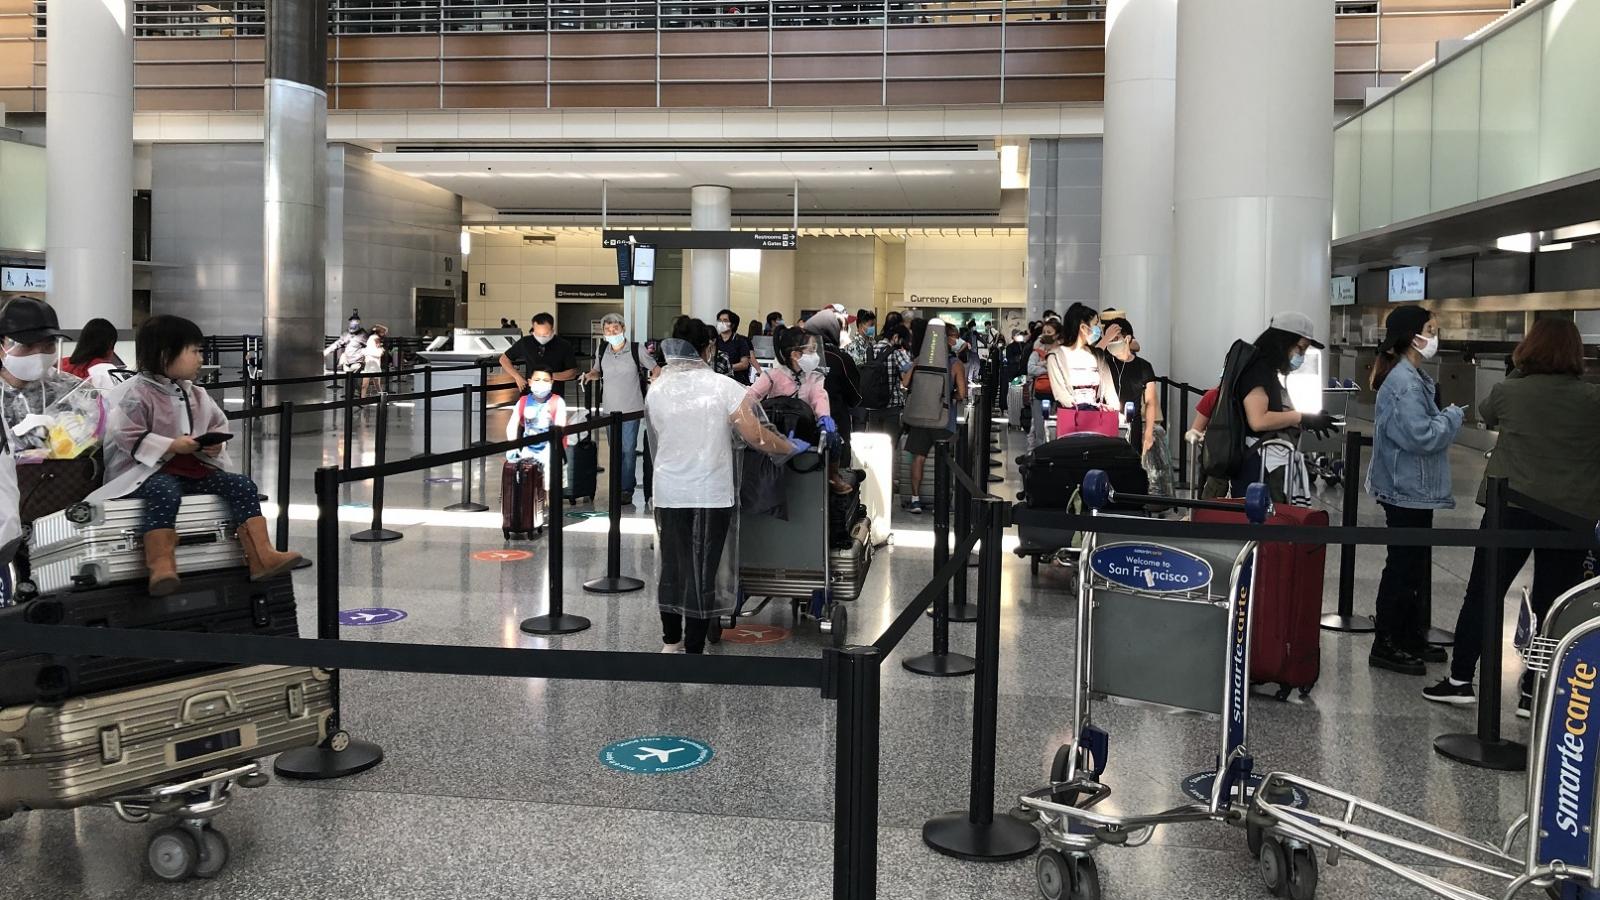 BNG khuyến cáo về hiện tượng lừa đảo người Việt mua vé máy bay về nước